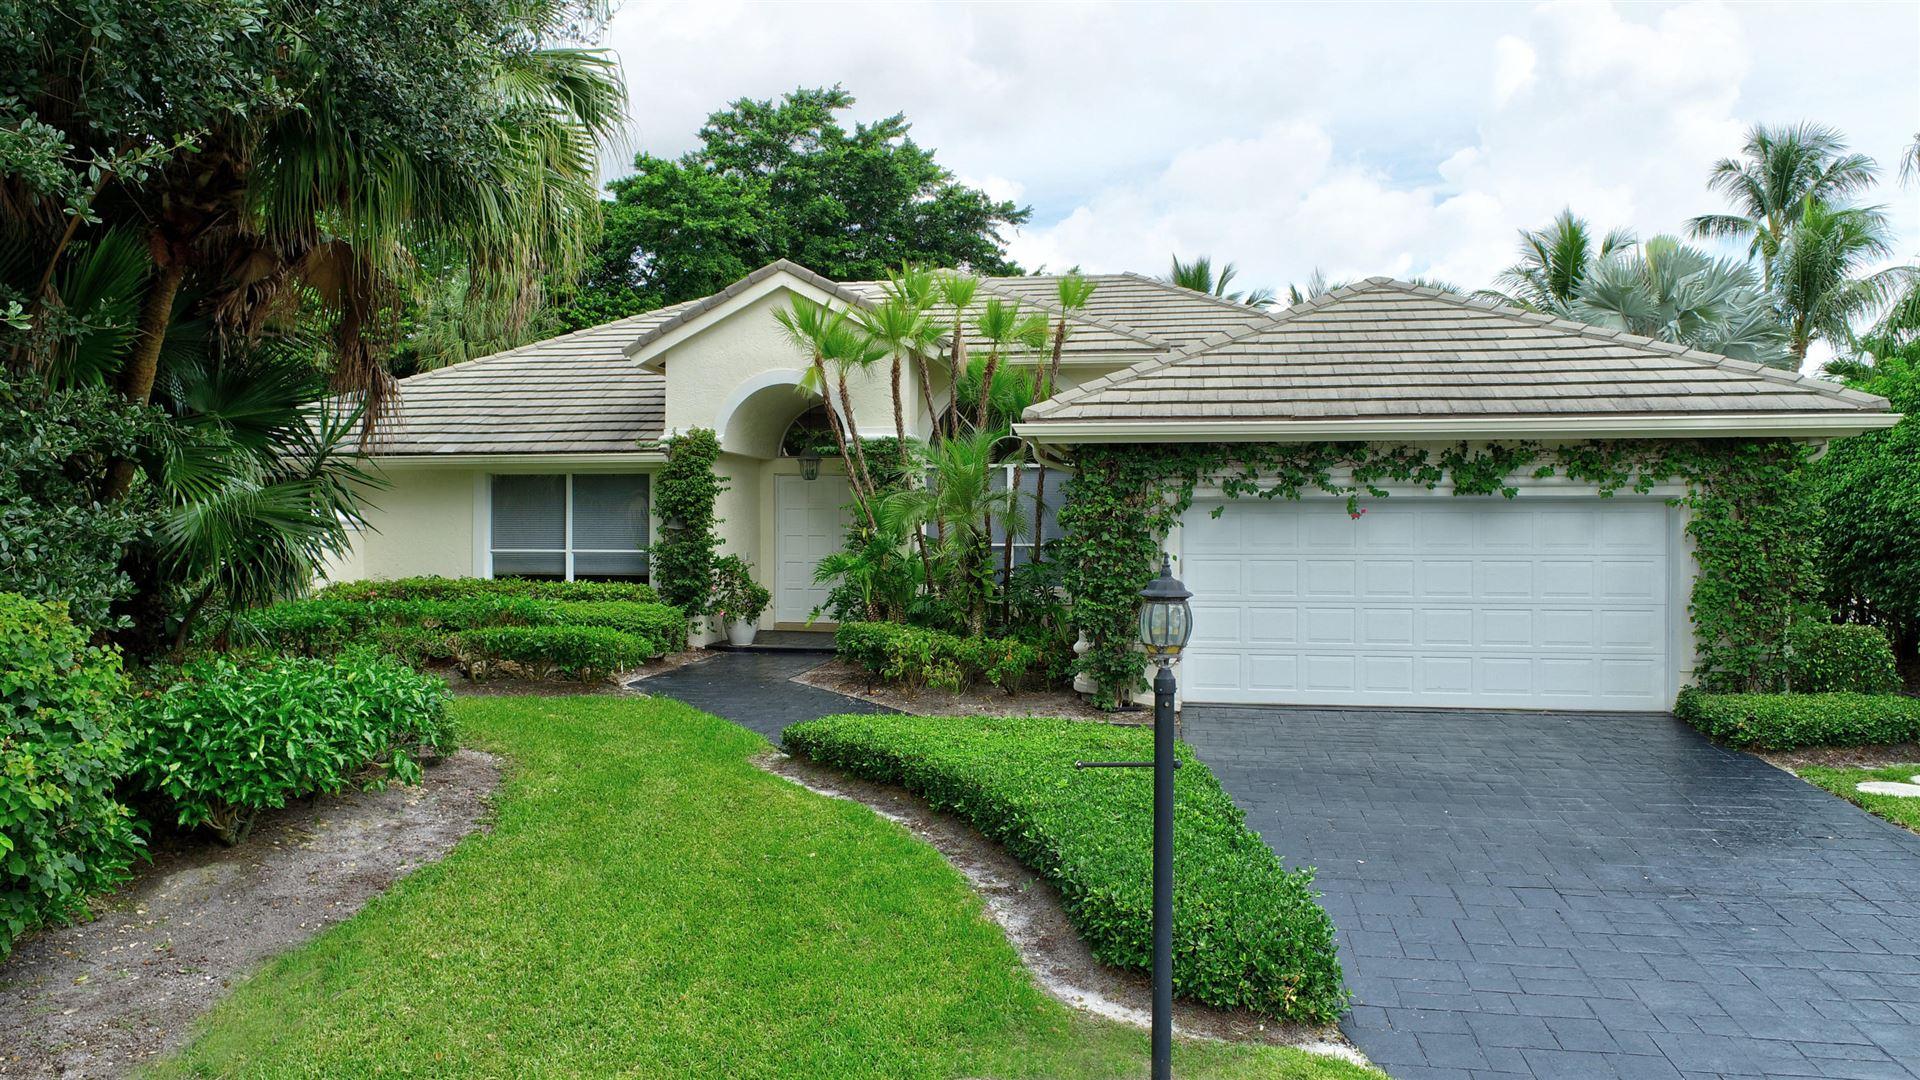 17548 Scarsdale Way, Boca Raton, FL 33496 - #: RX-10648376